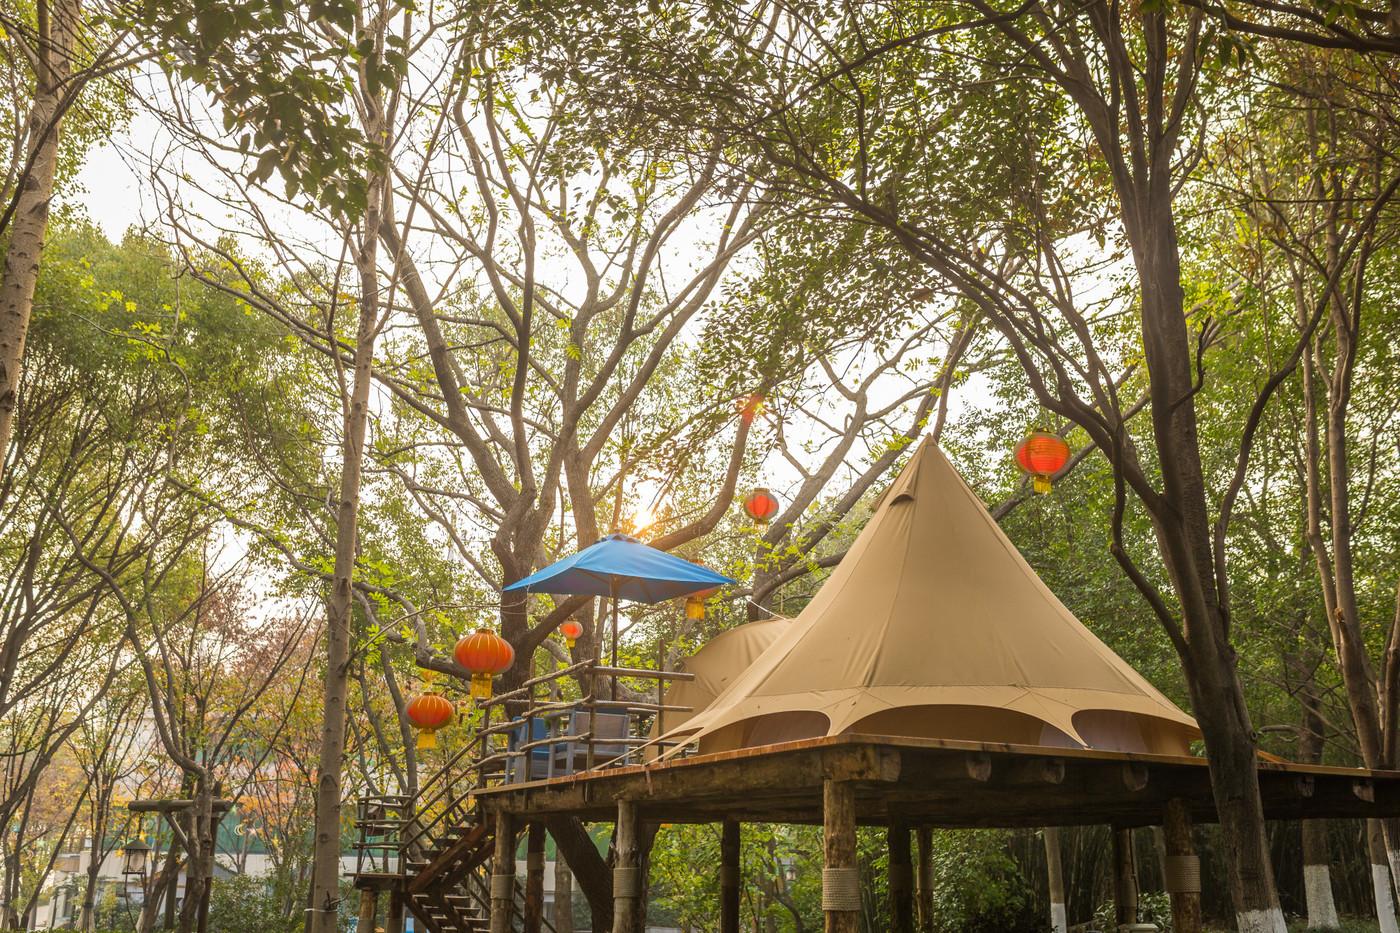 喜马拉雅野奢帐篷酒店—江苏常州天目湖树屋帐篷酒店24